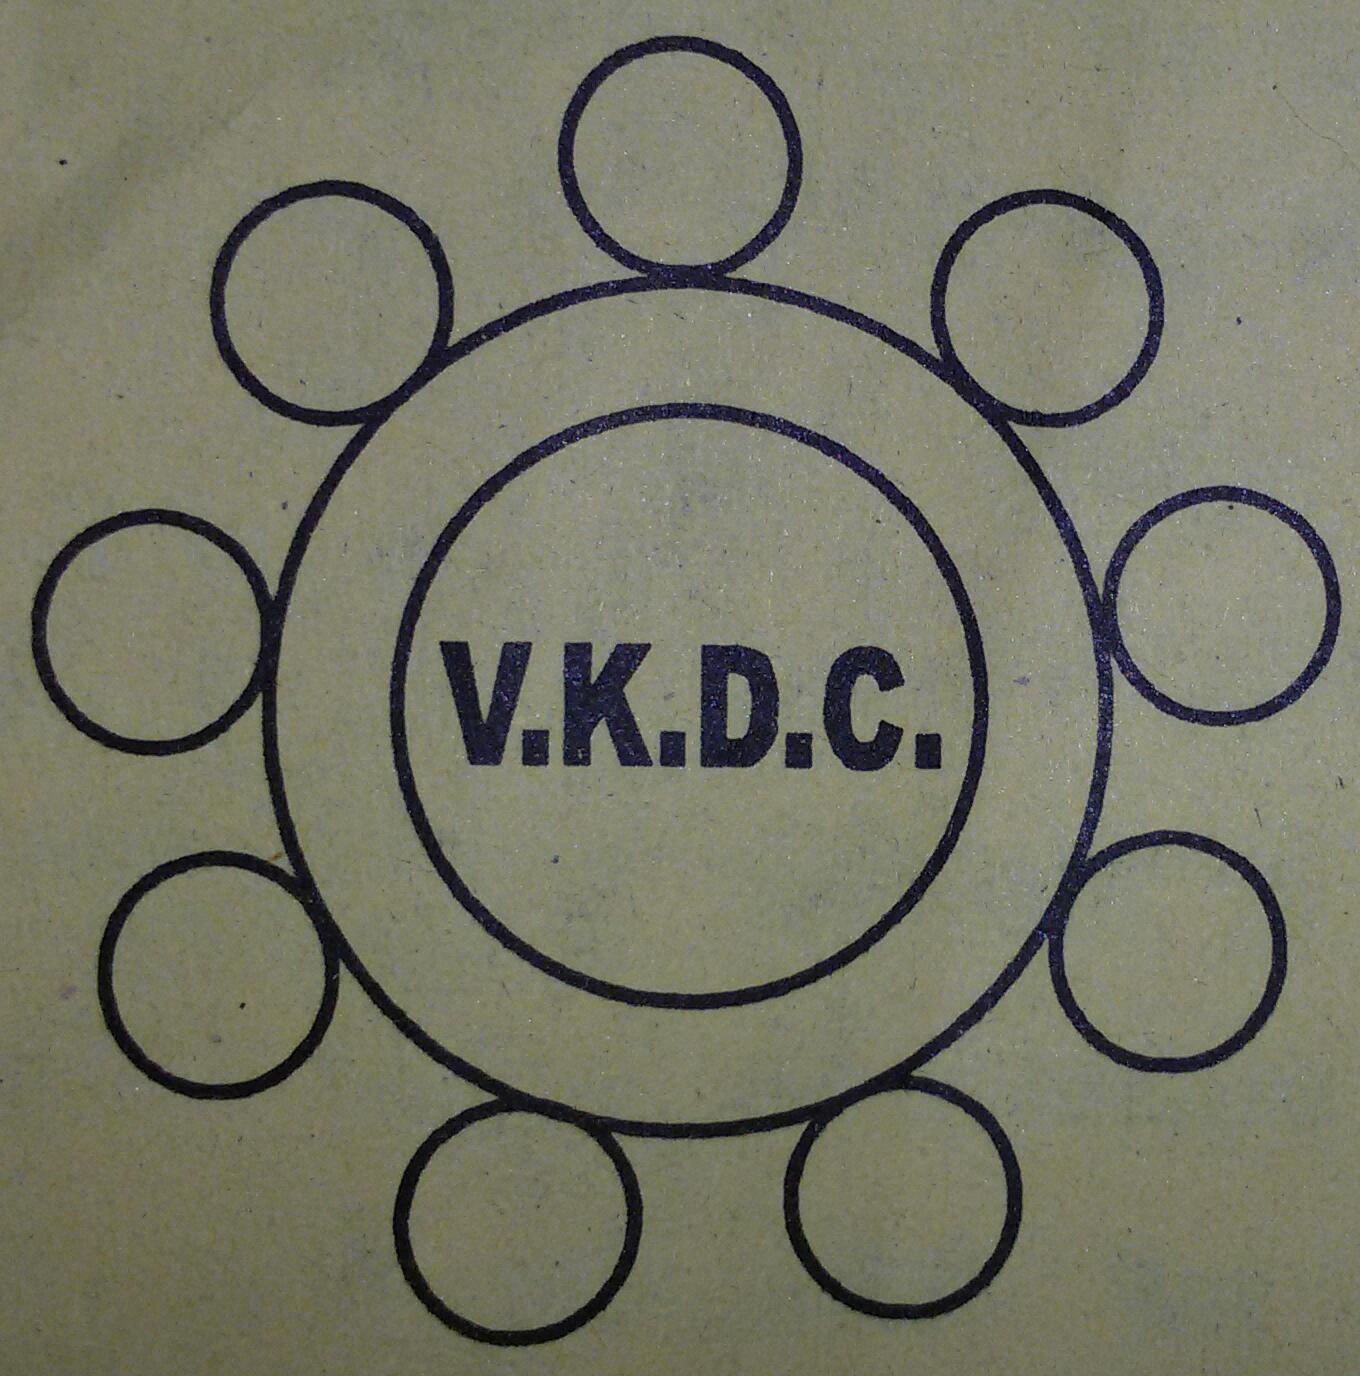 V.K.D.C  Study Point - logo